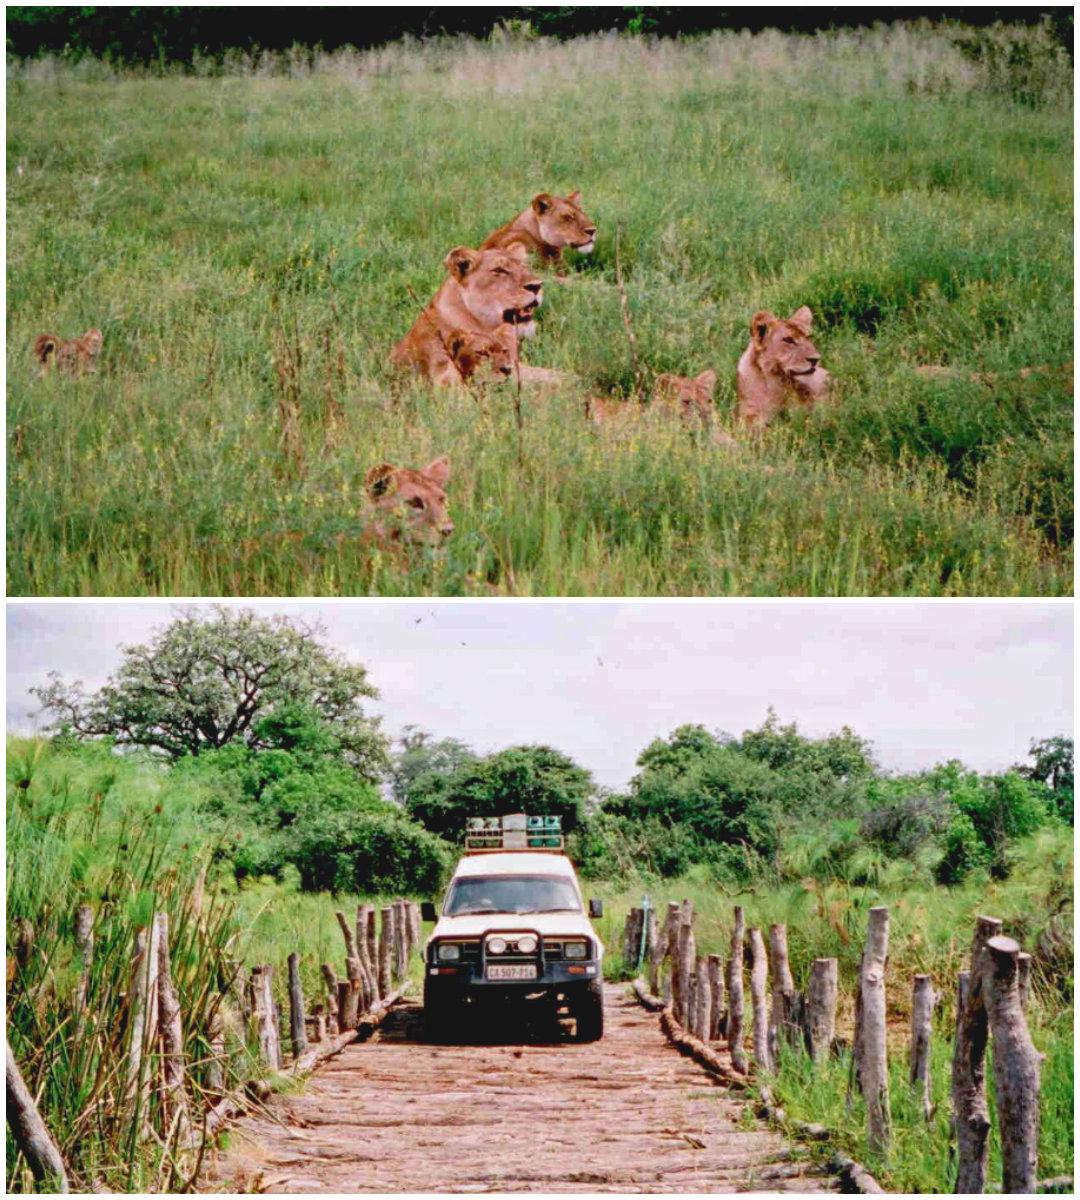 Löwen-Crocidele-Bridege-Botswana